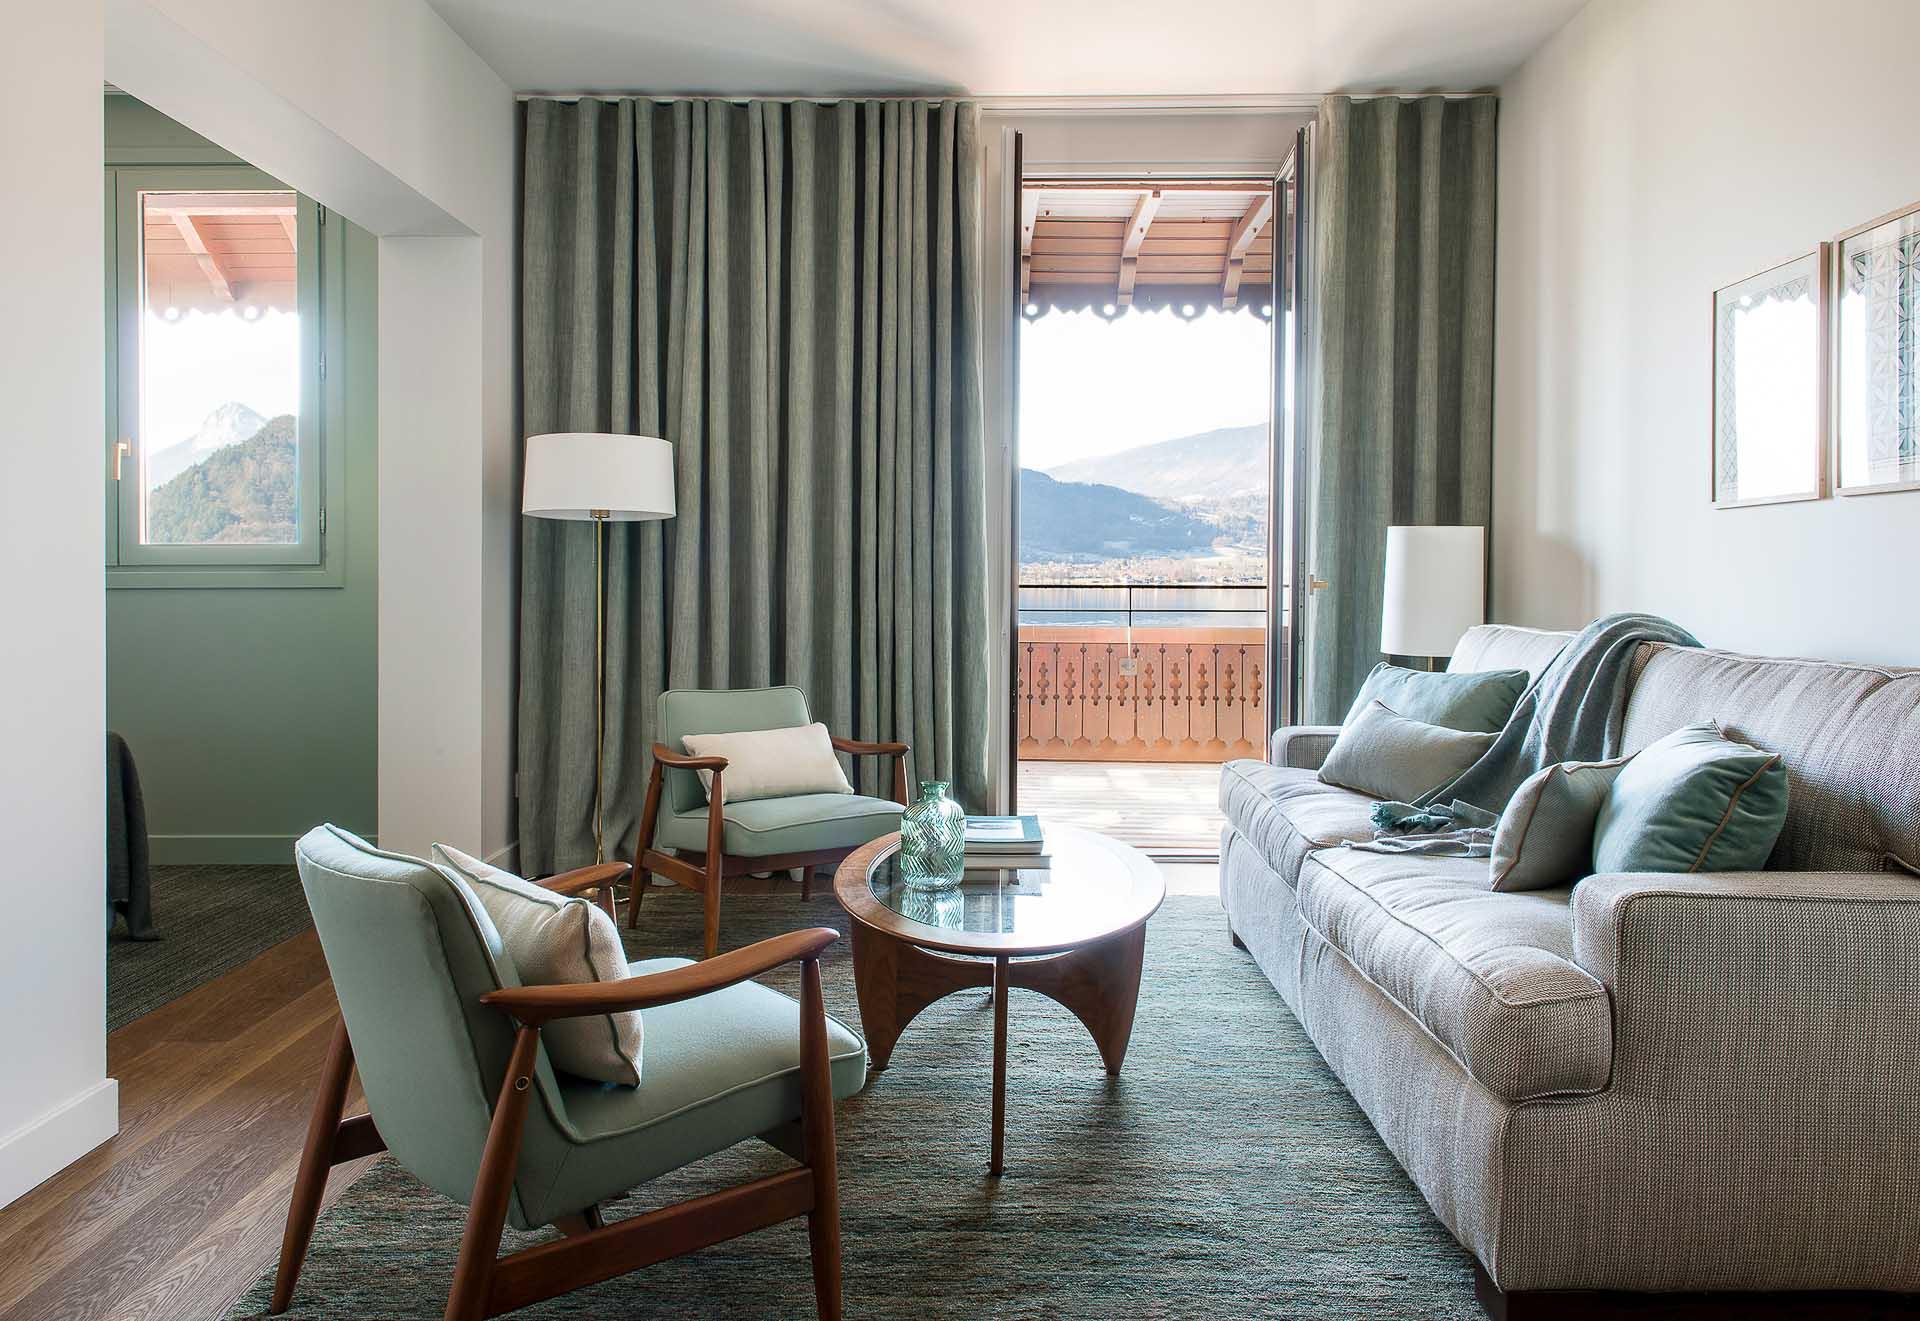 Les Junior Suites, comme les suites, sont particulièrement spacieuses et disposent de balcons avec vue sur le lac d'Annecy